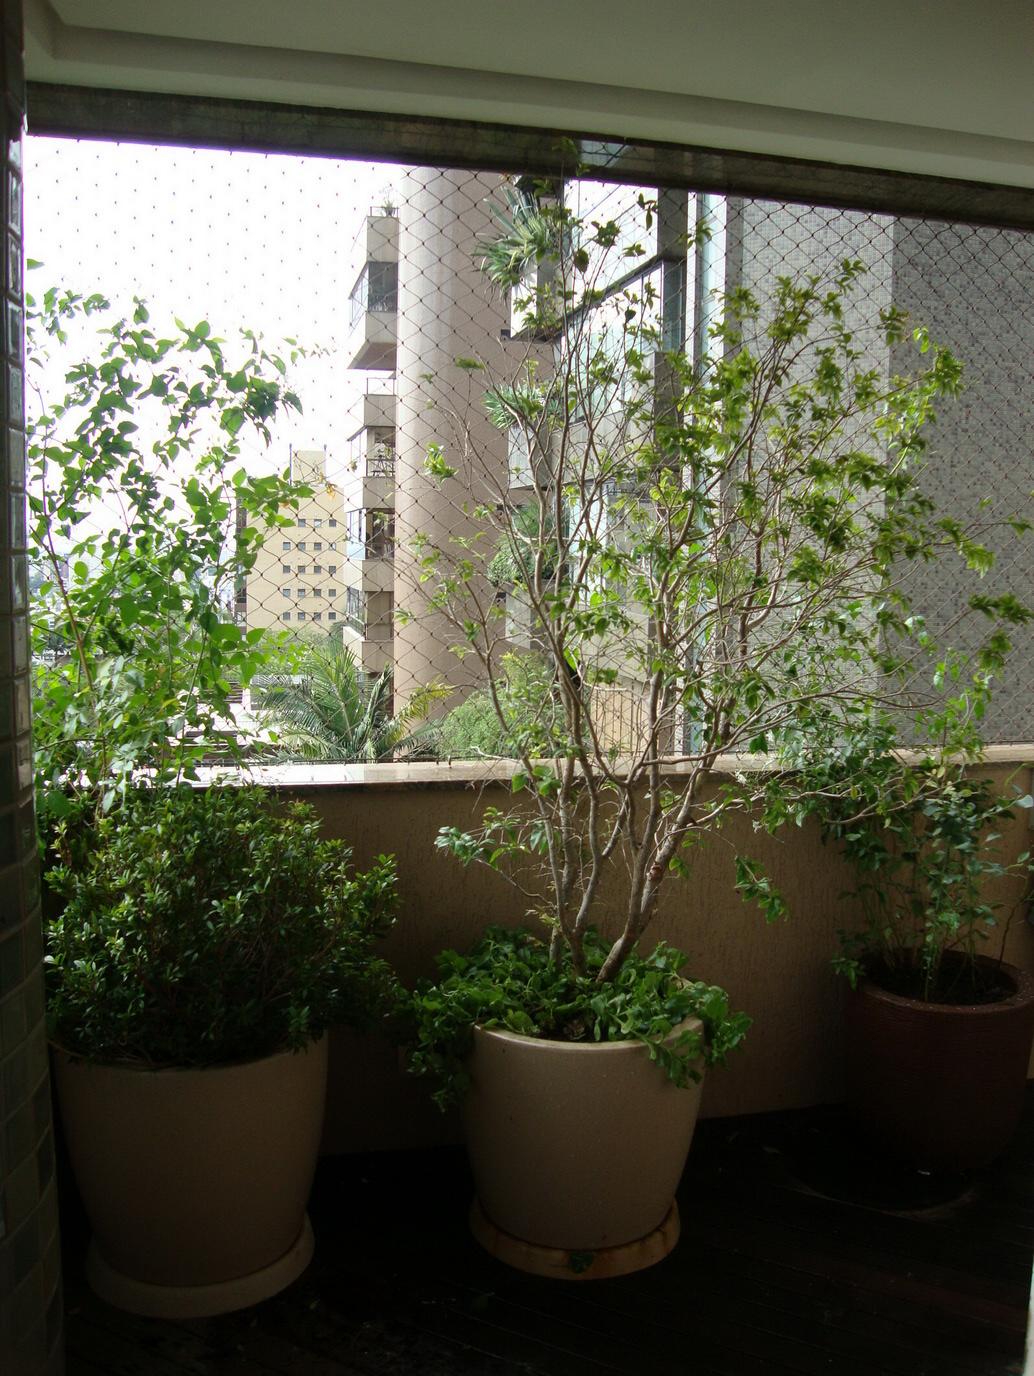 Se você tiver espaço, plantas maiores são uma ótima opção